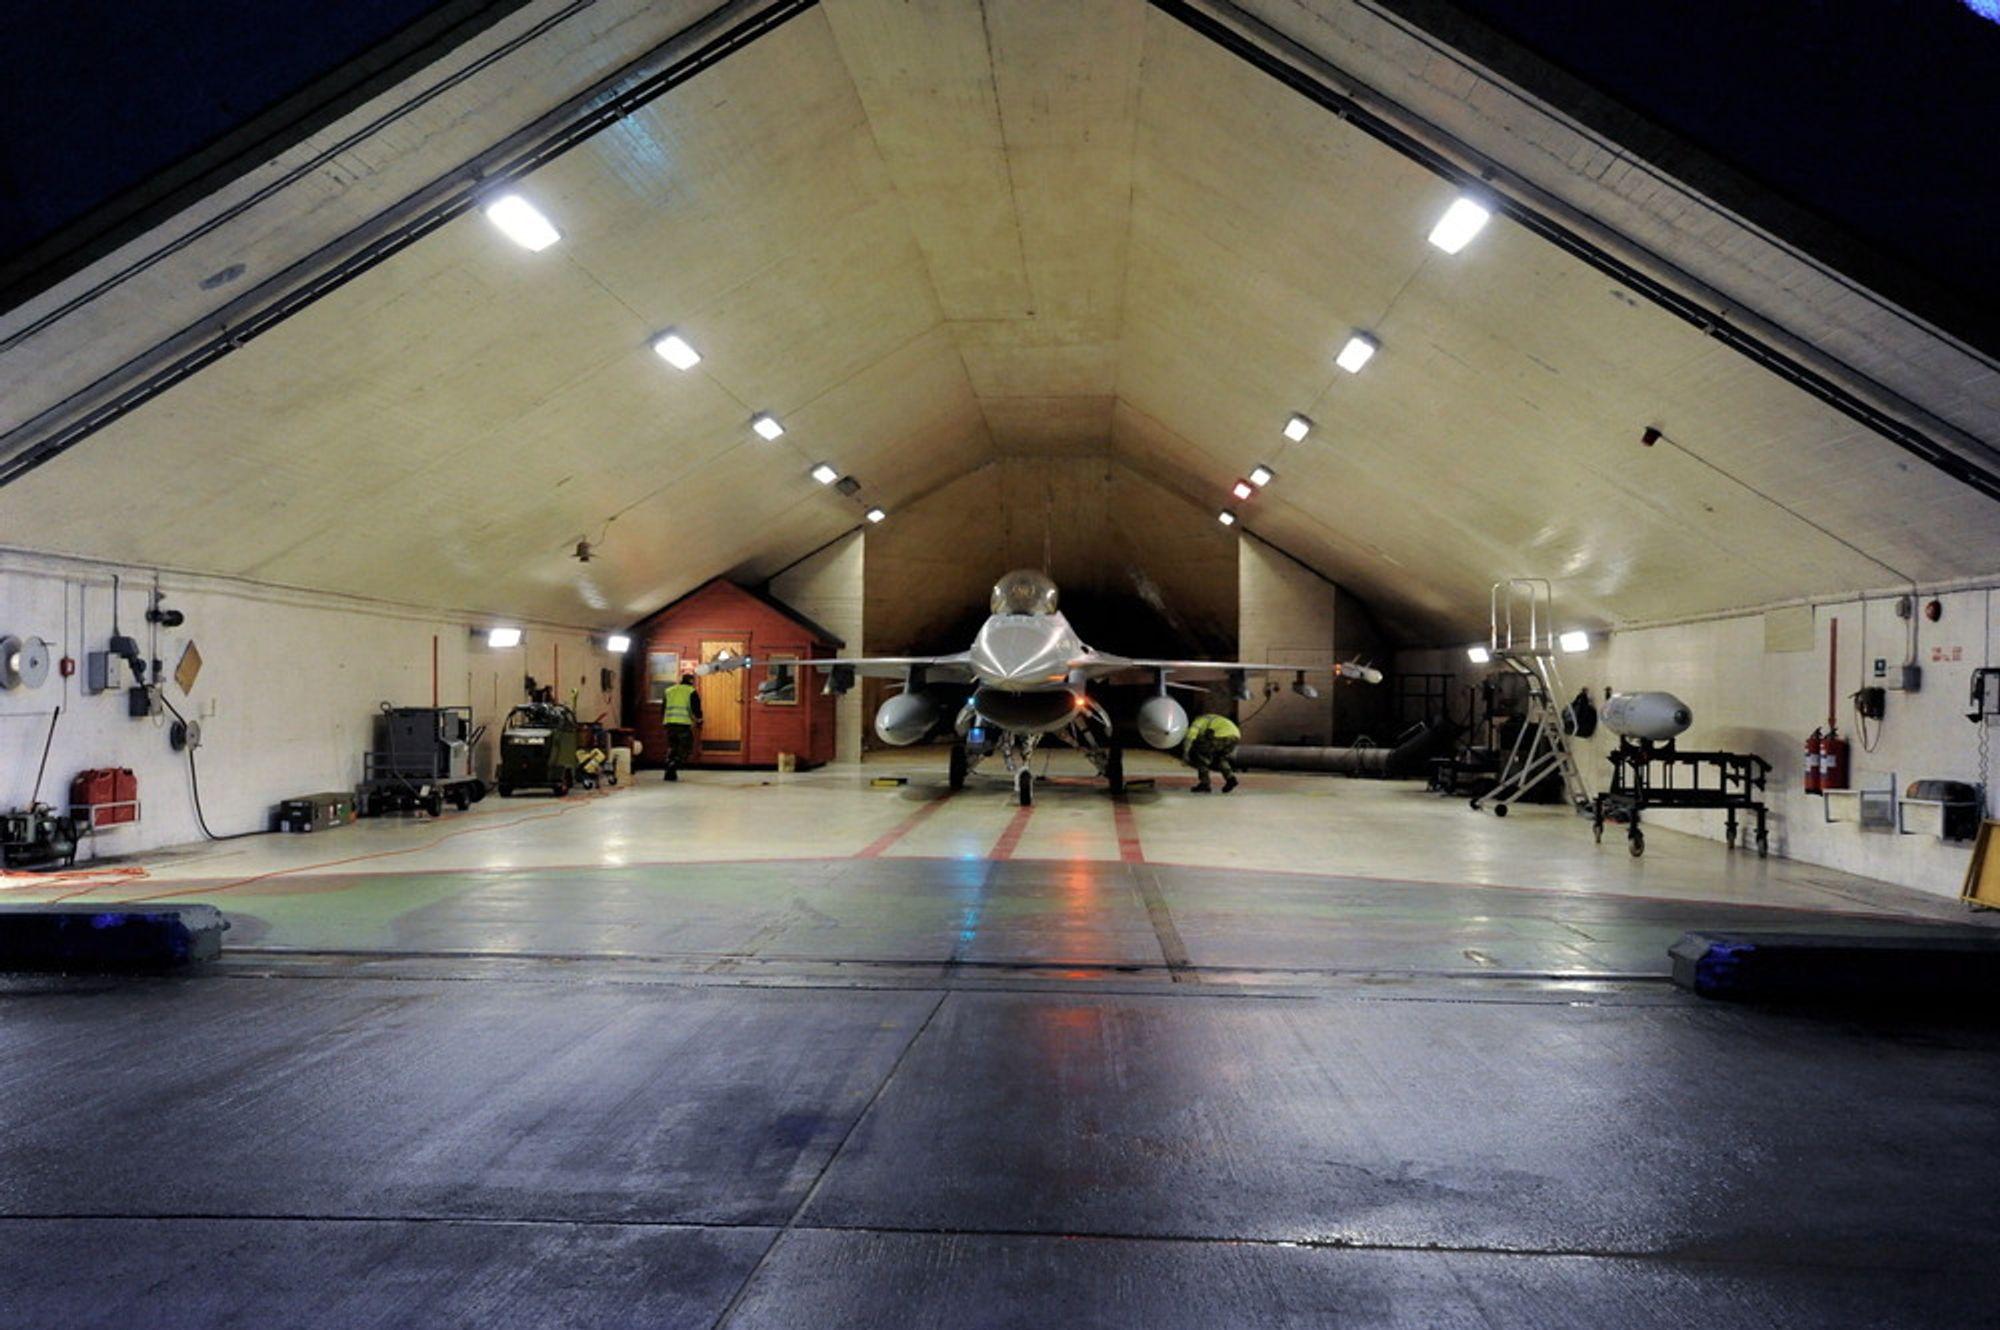 Ørland hovedflystasjon. F16 fly på Ørland 2011. Kampflybase